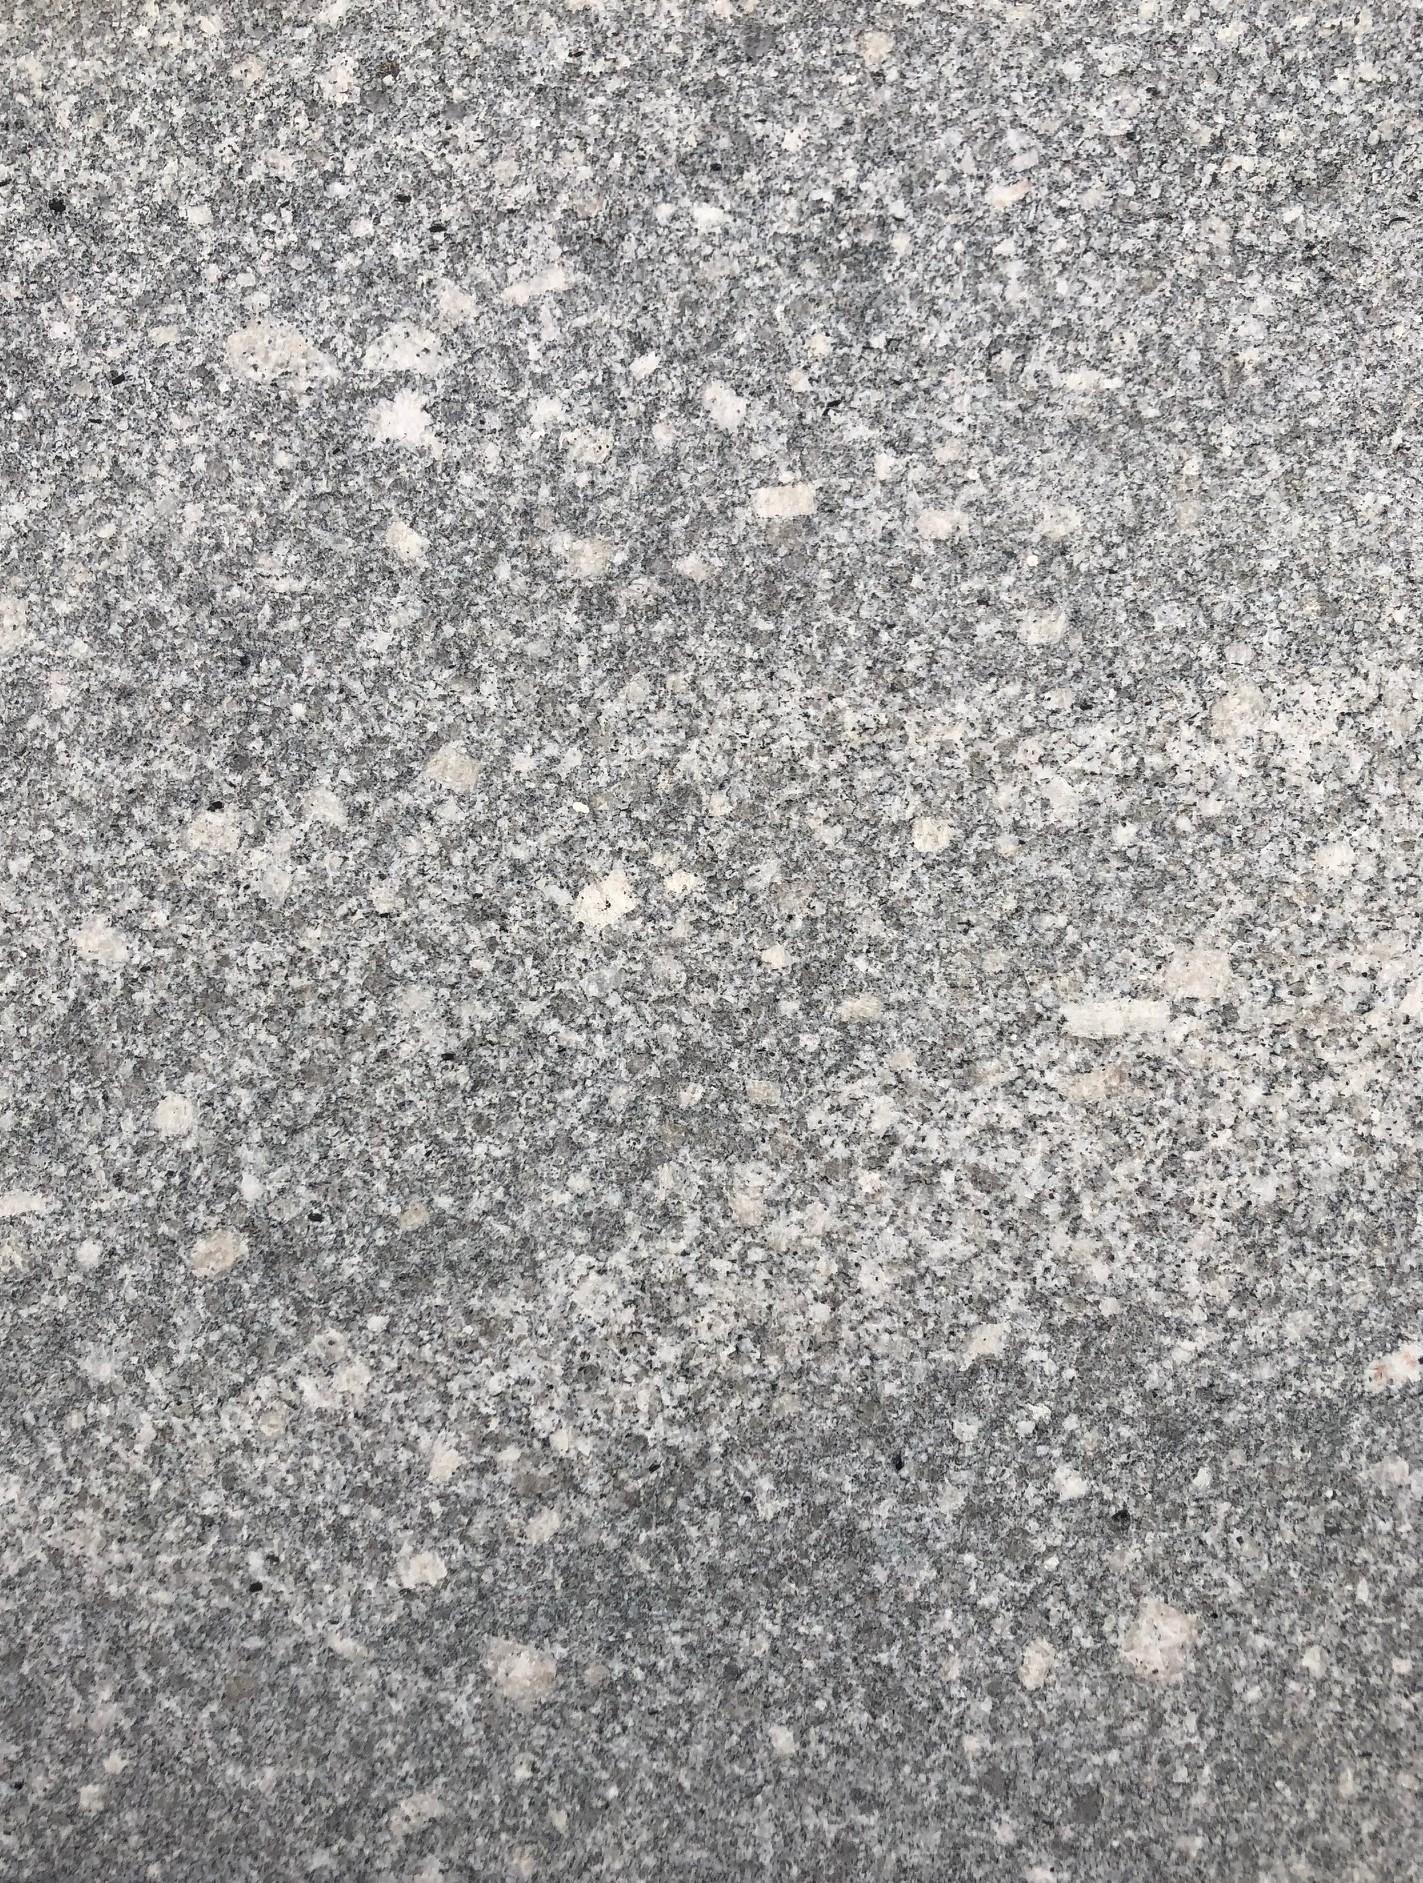 Flint Granite